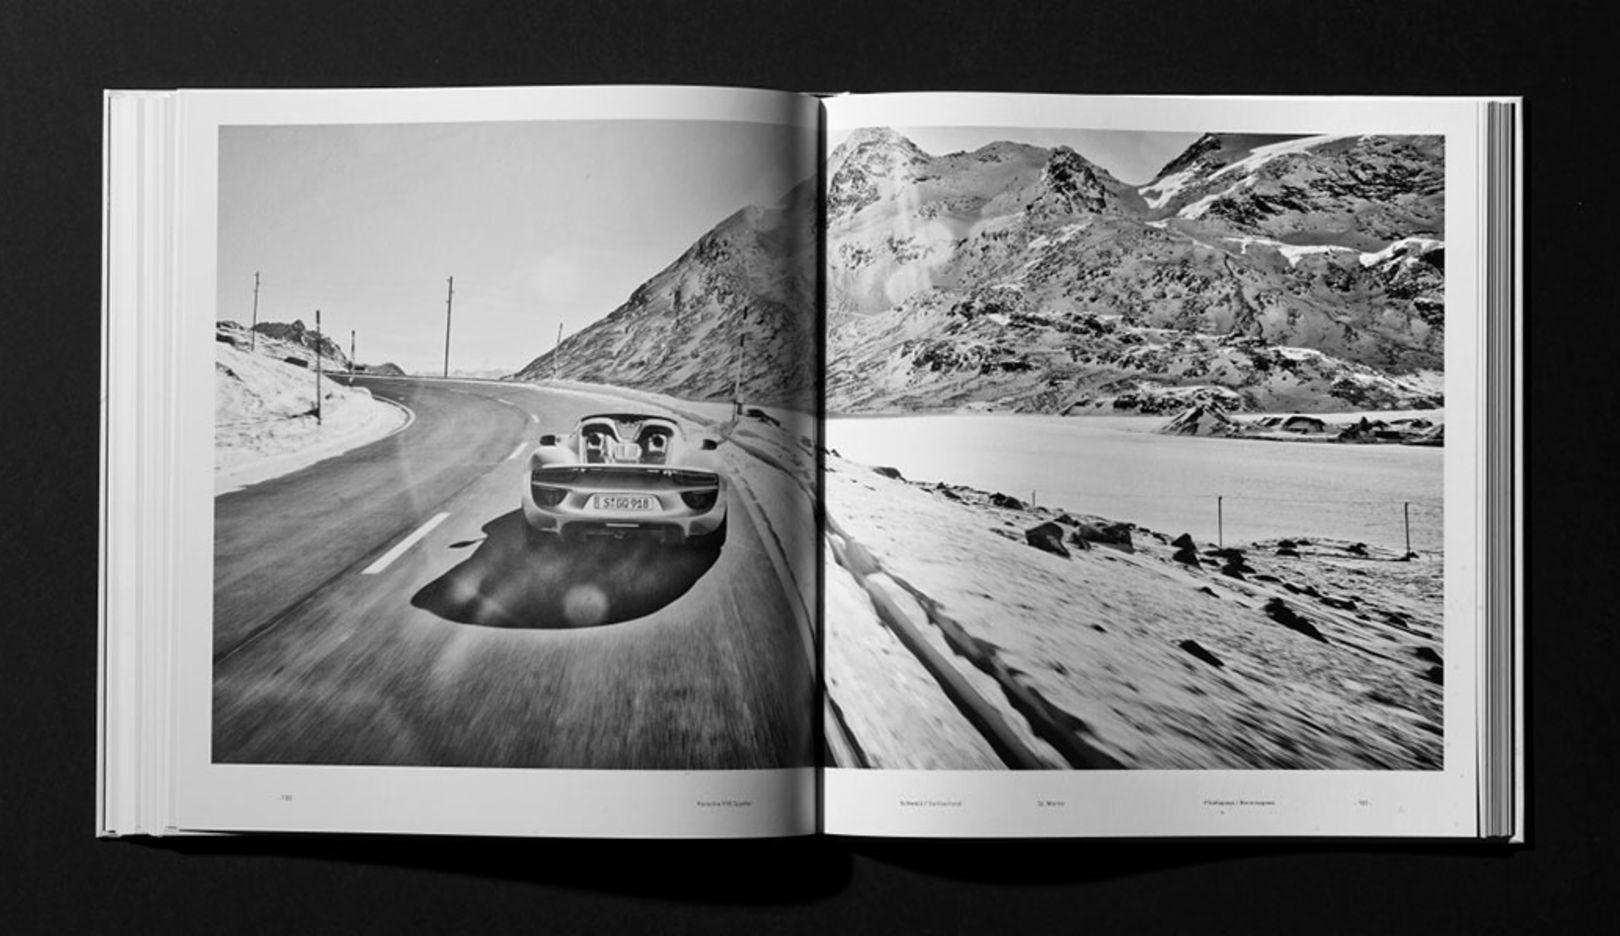 918 Spyder, Picture Book, Stefan Bogner, 2015, Porsche AG